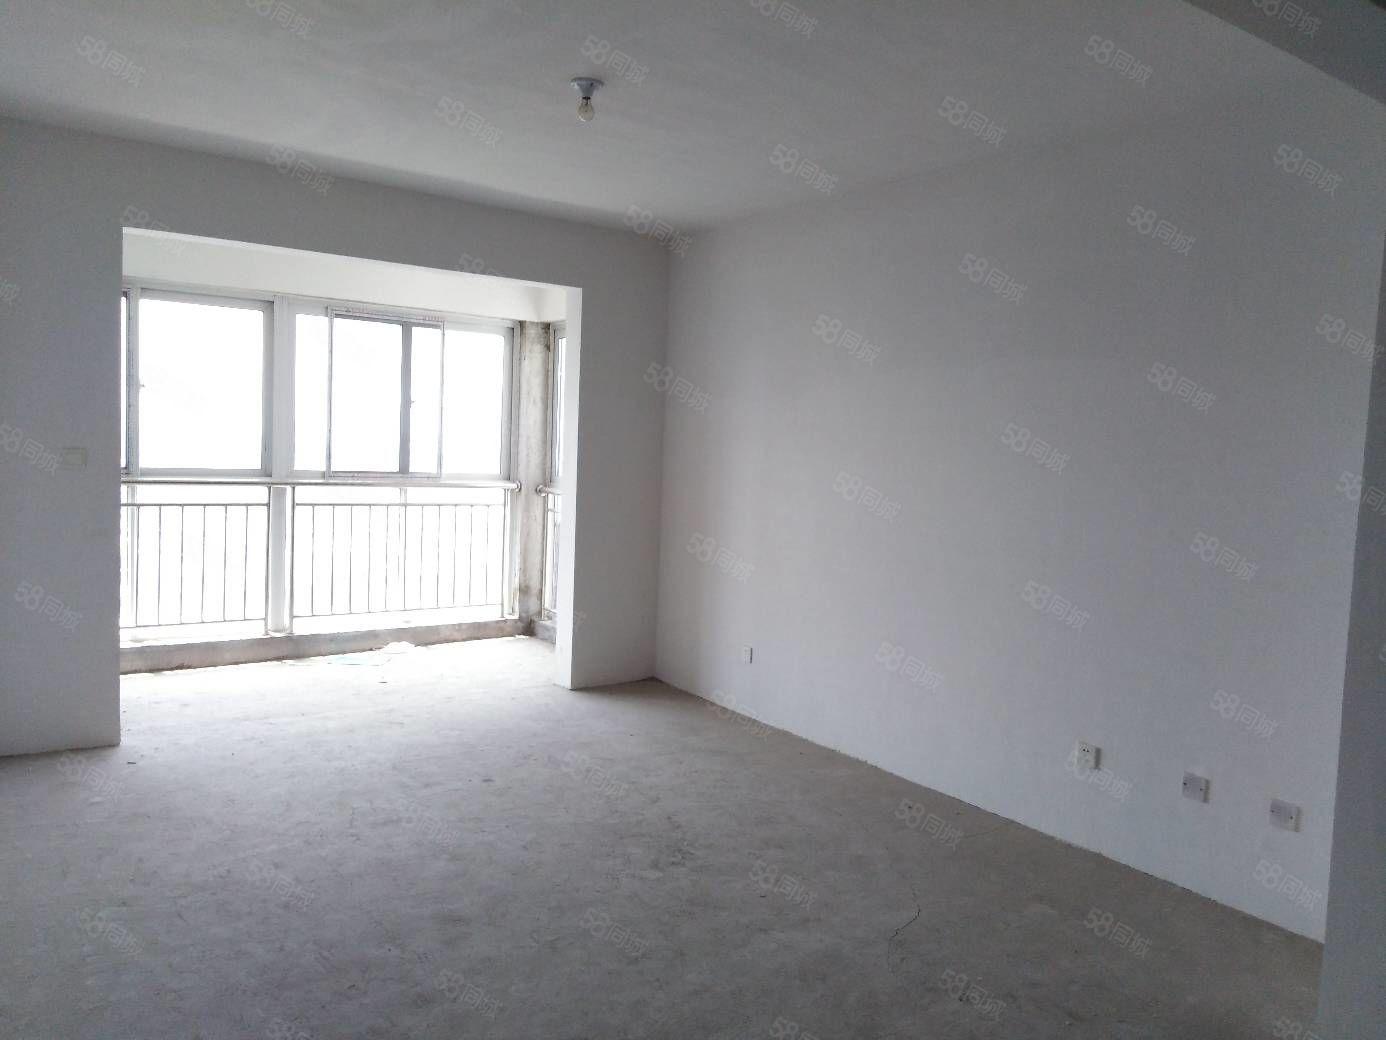 (已售出)海普凤凰城毛坯两室可改三室免.税可贷款华新